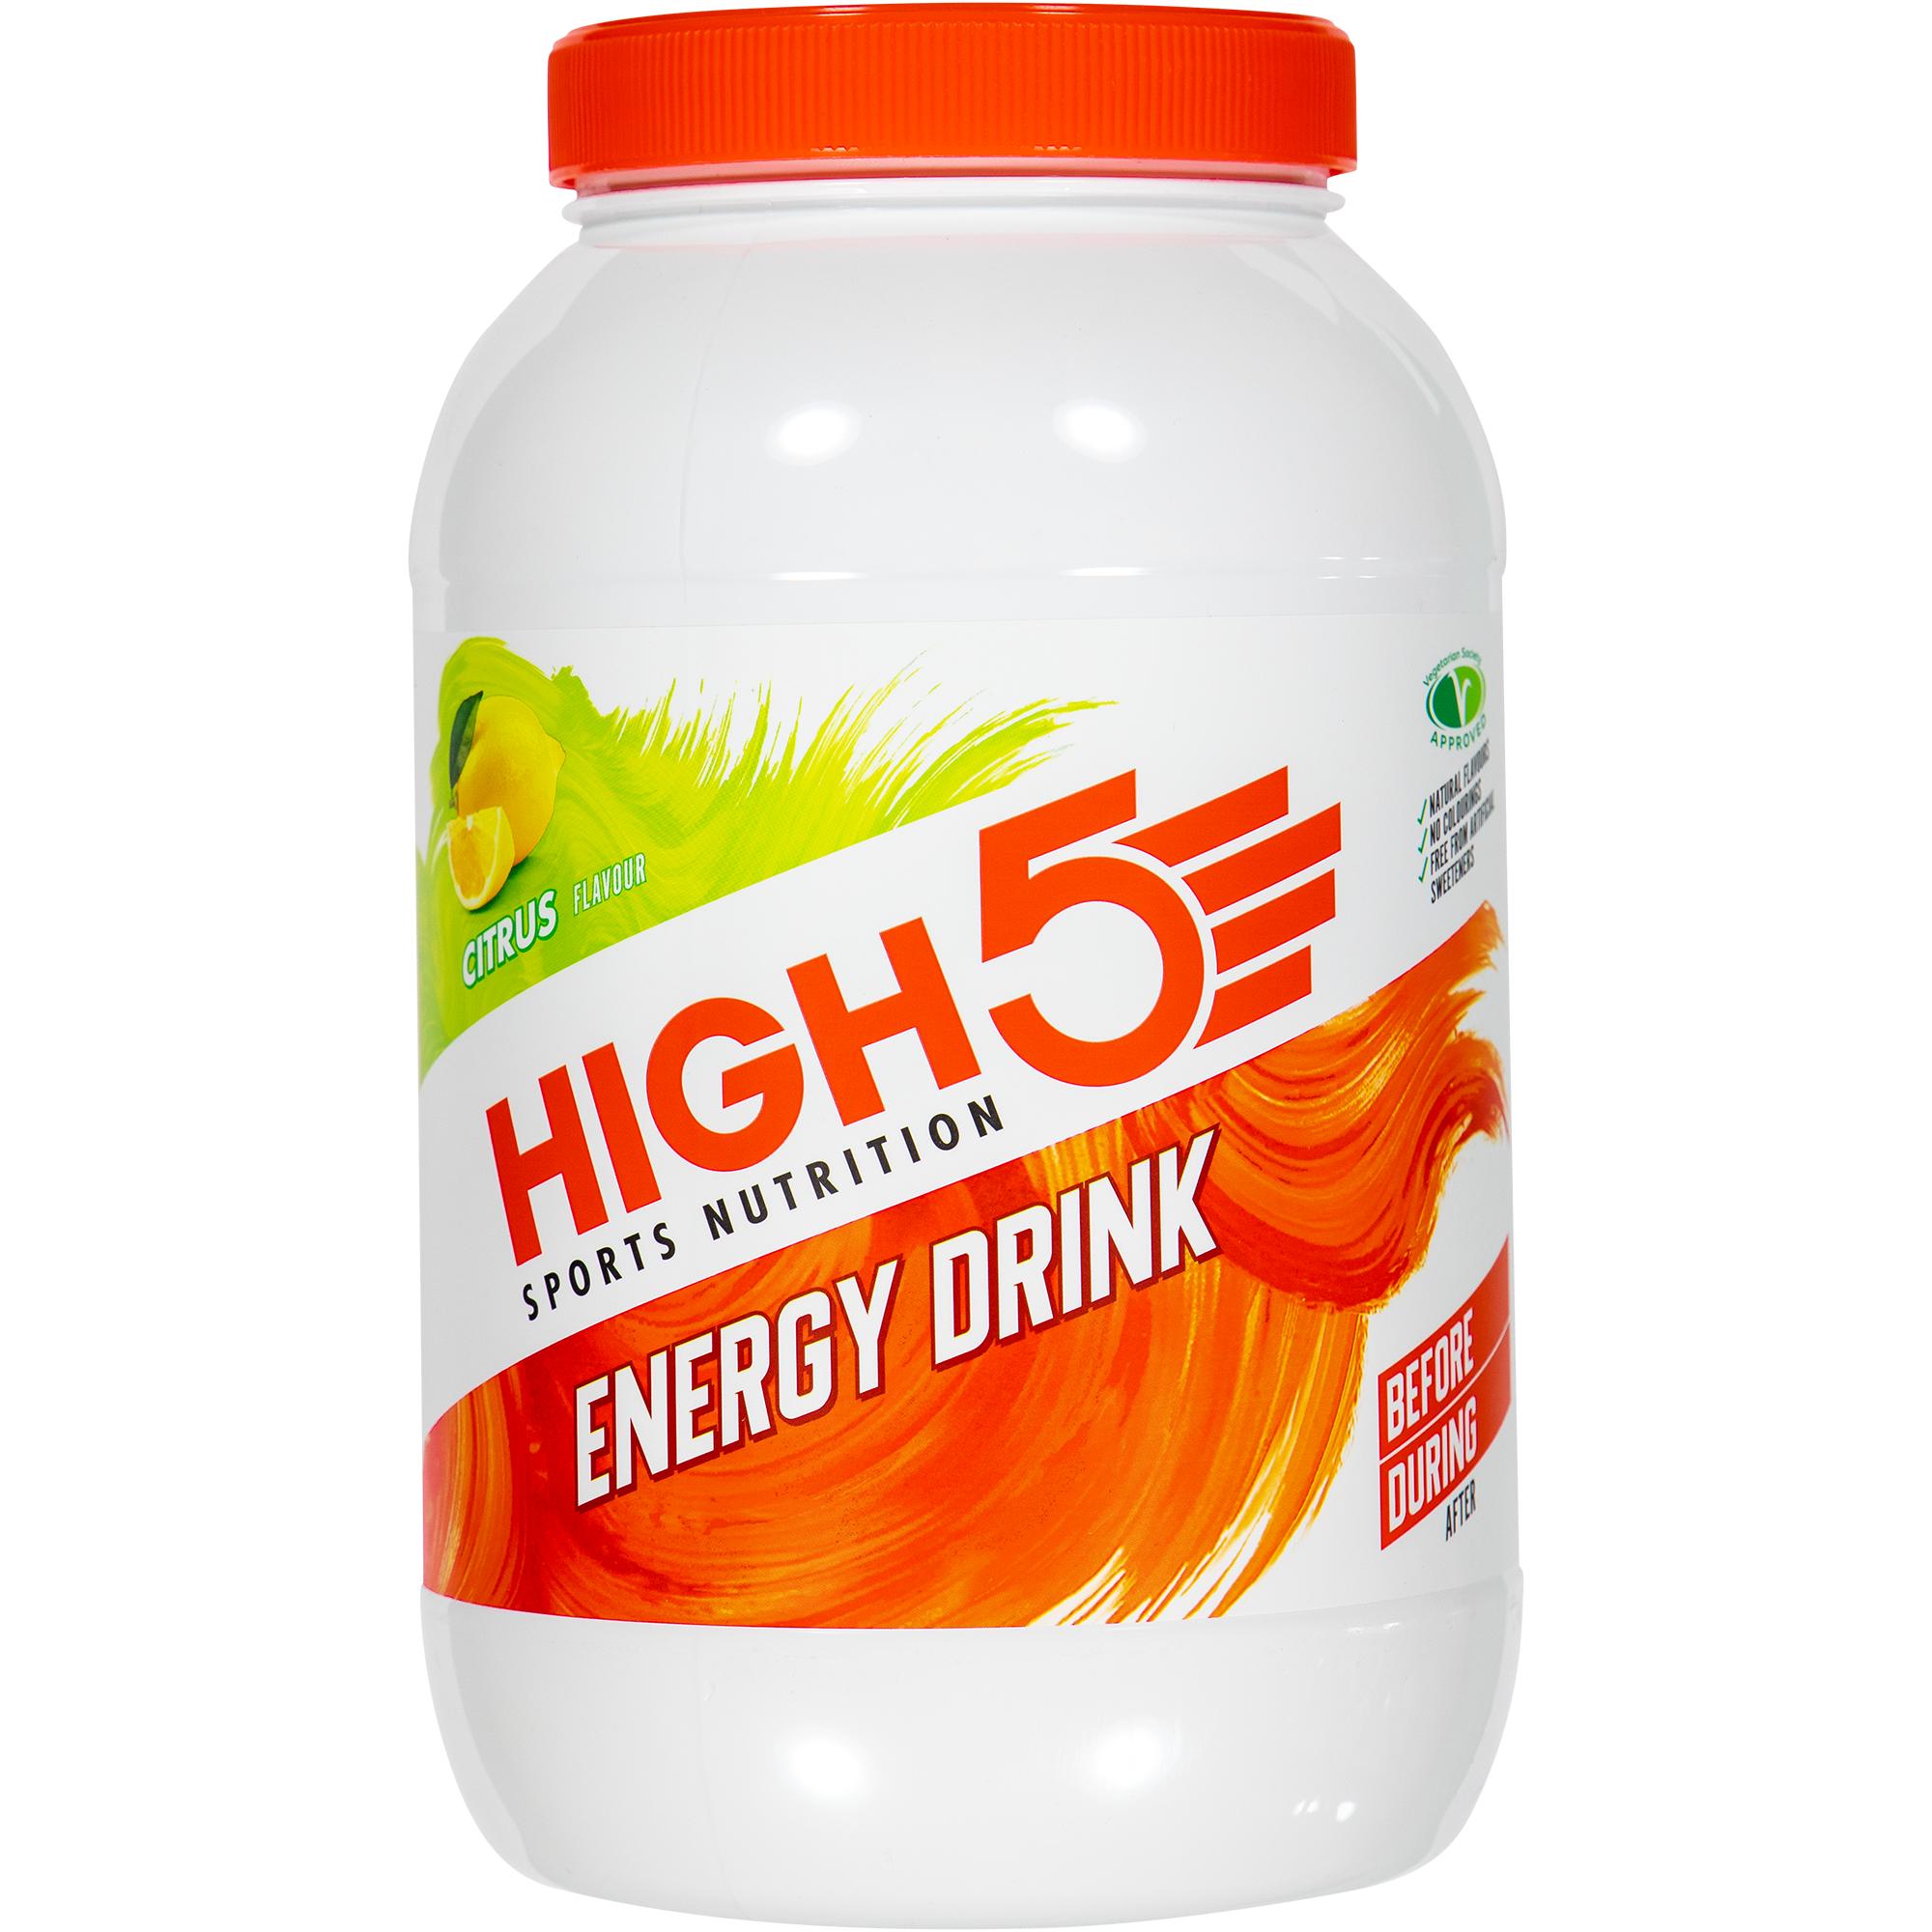 High5 Energy Drink, sportsdrikk